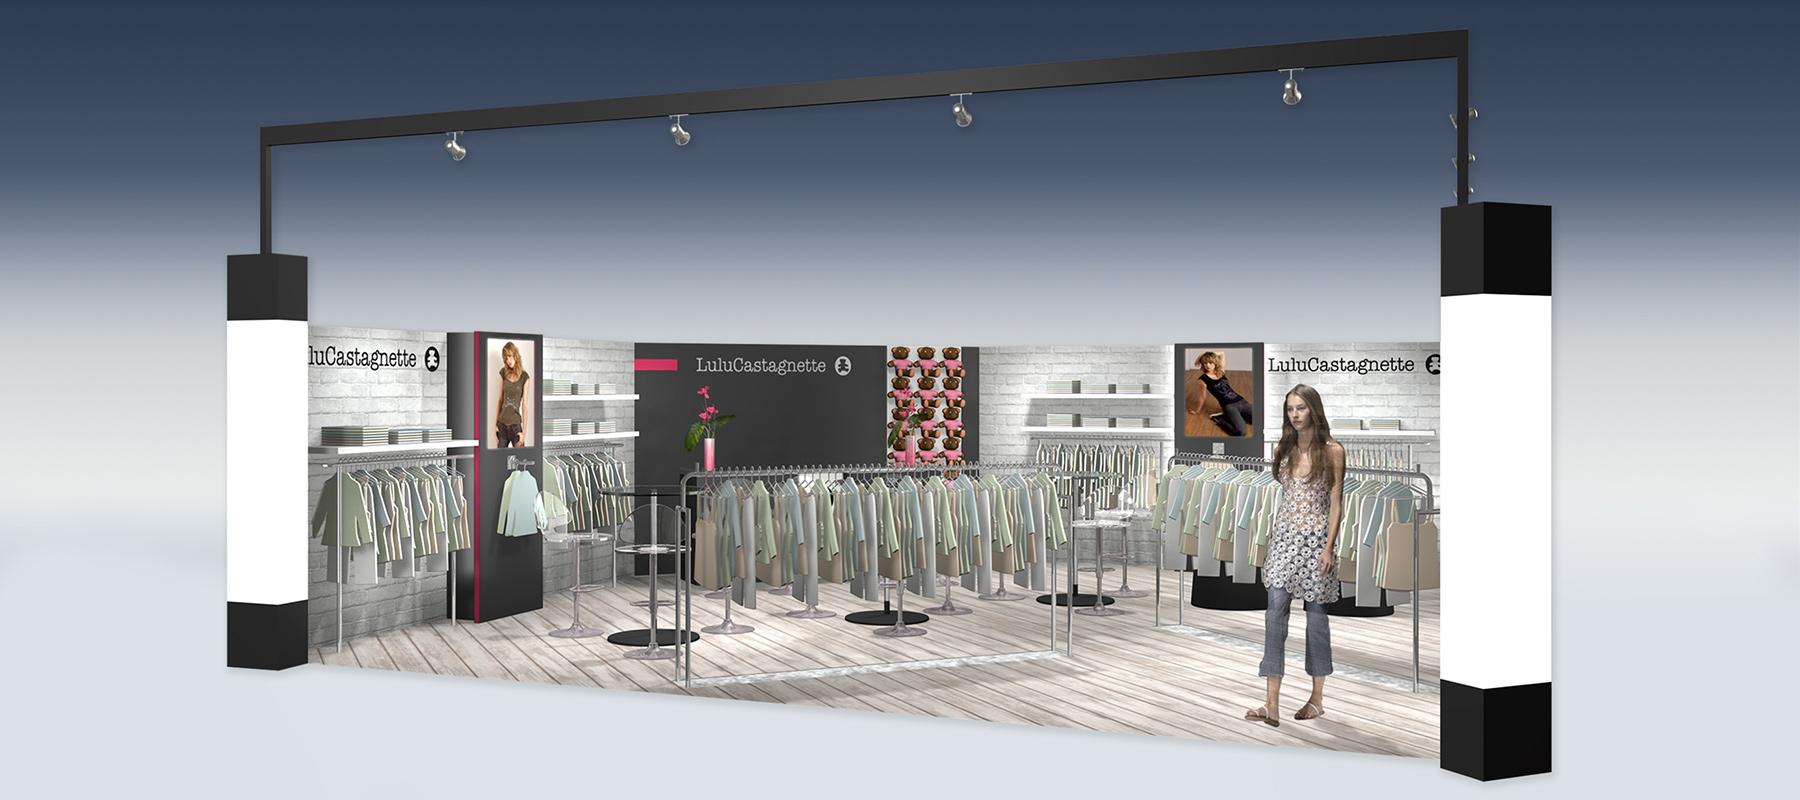 Standiste pour Lulu Castagnette : modélisation 3D